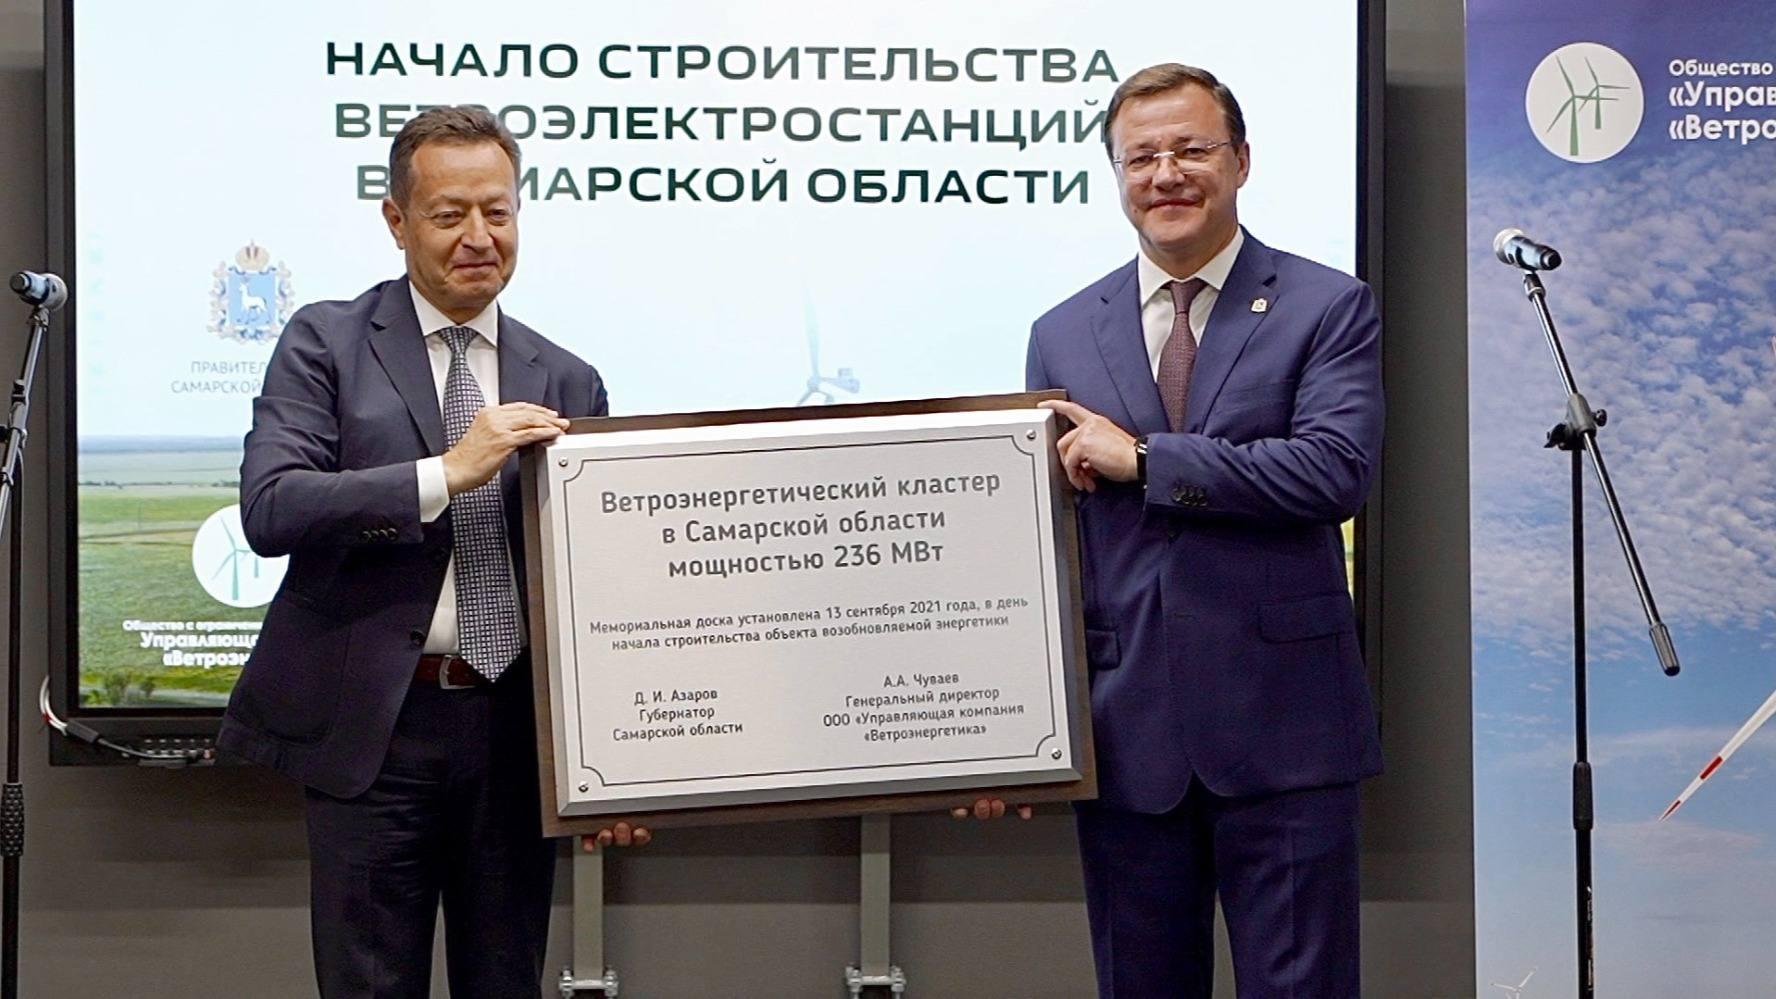 В Самарской области стартовало строительство крупнейшего в ПФО ветроэнергетического кластера